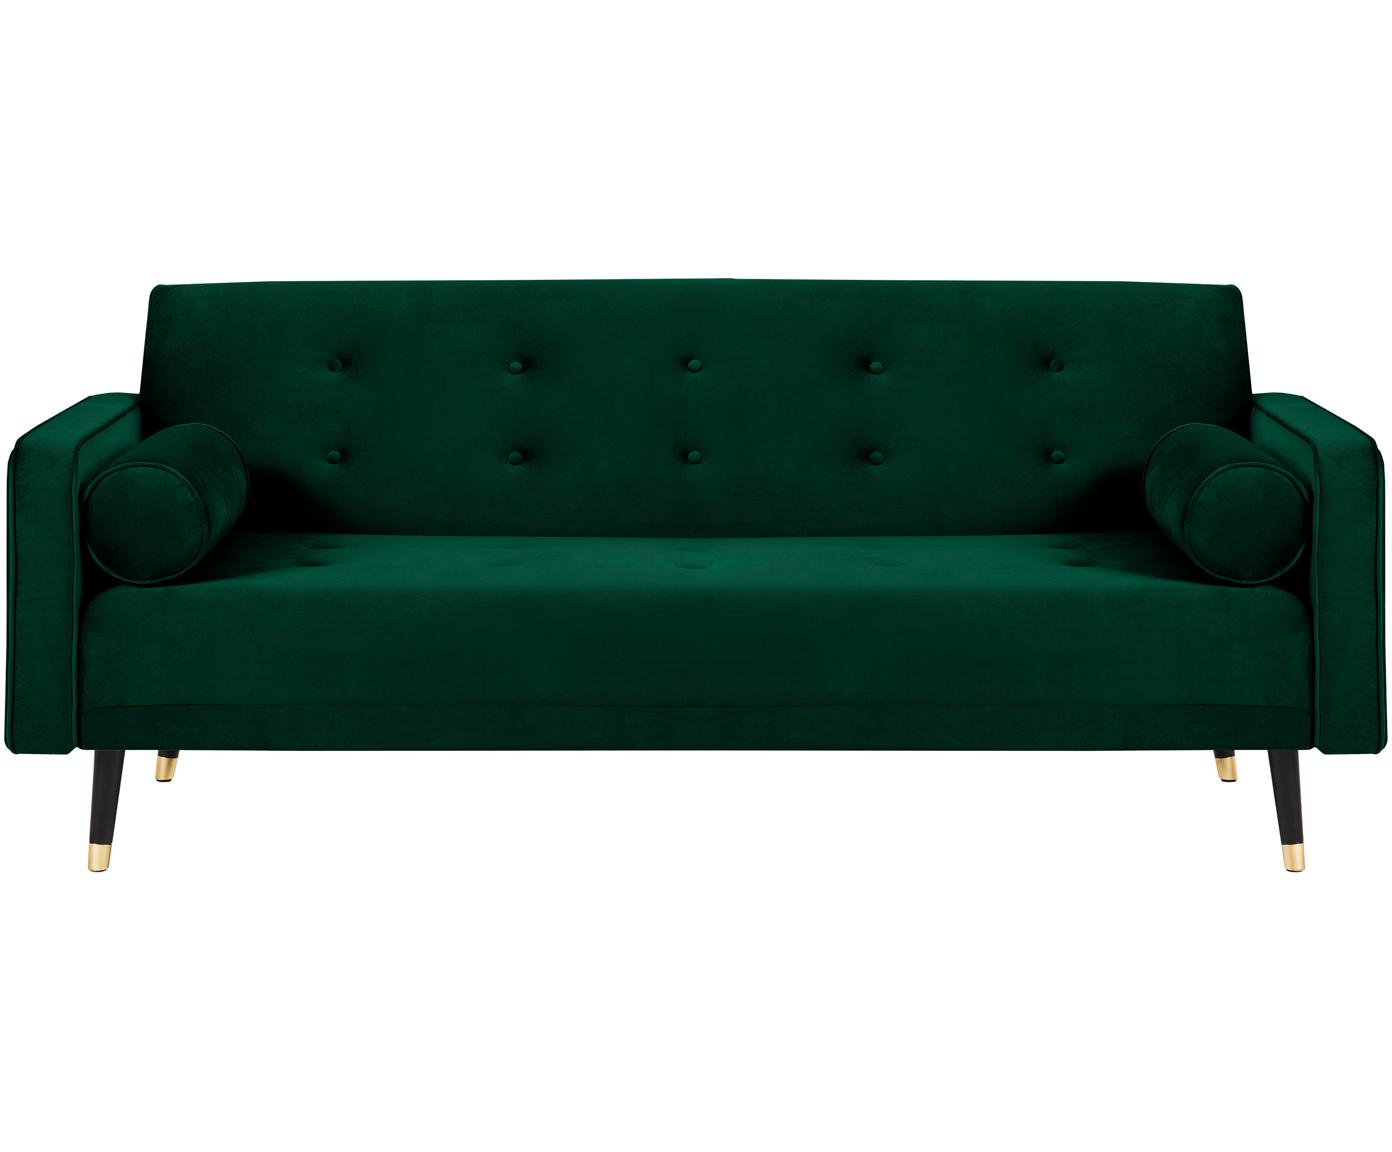 Samt-Schlafsofa Gia (3-Sitzer), Bezug: Polyestersamt, Rahmen: Massives Kiefernholz, Füße: Buchenholz, lackiert, Samt Dunkelgrün, B 212 x T 93 cm